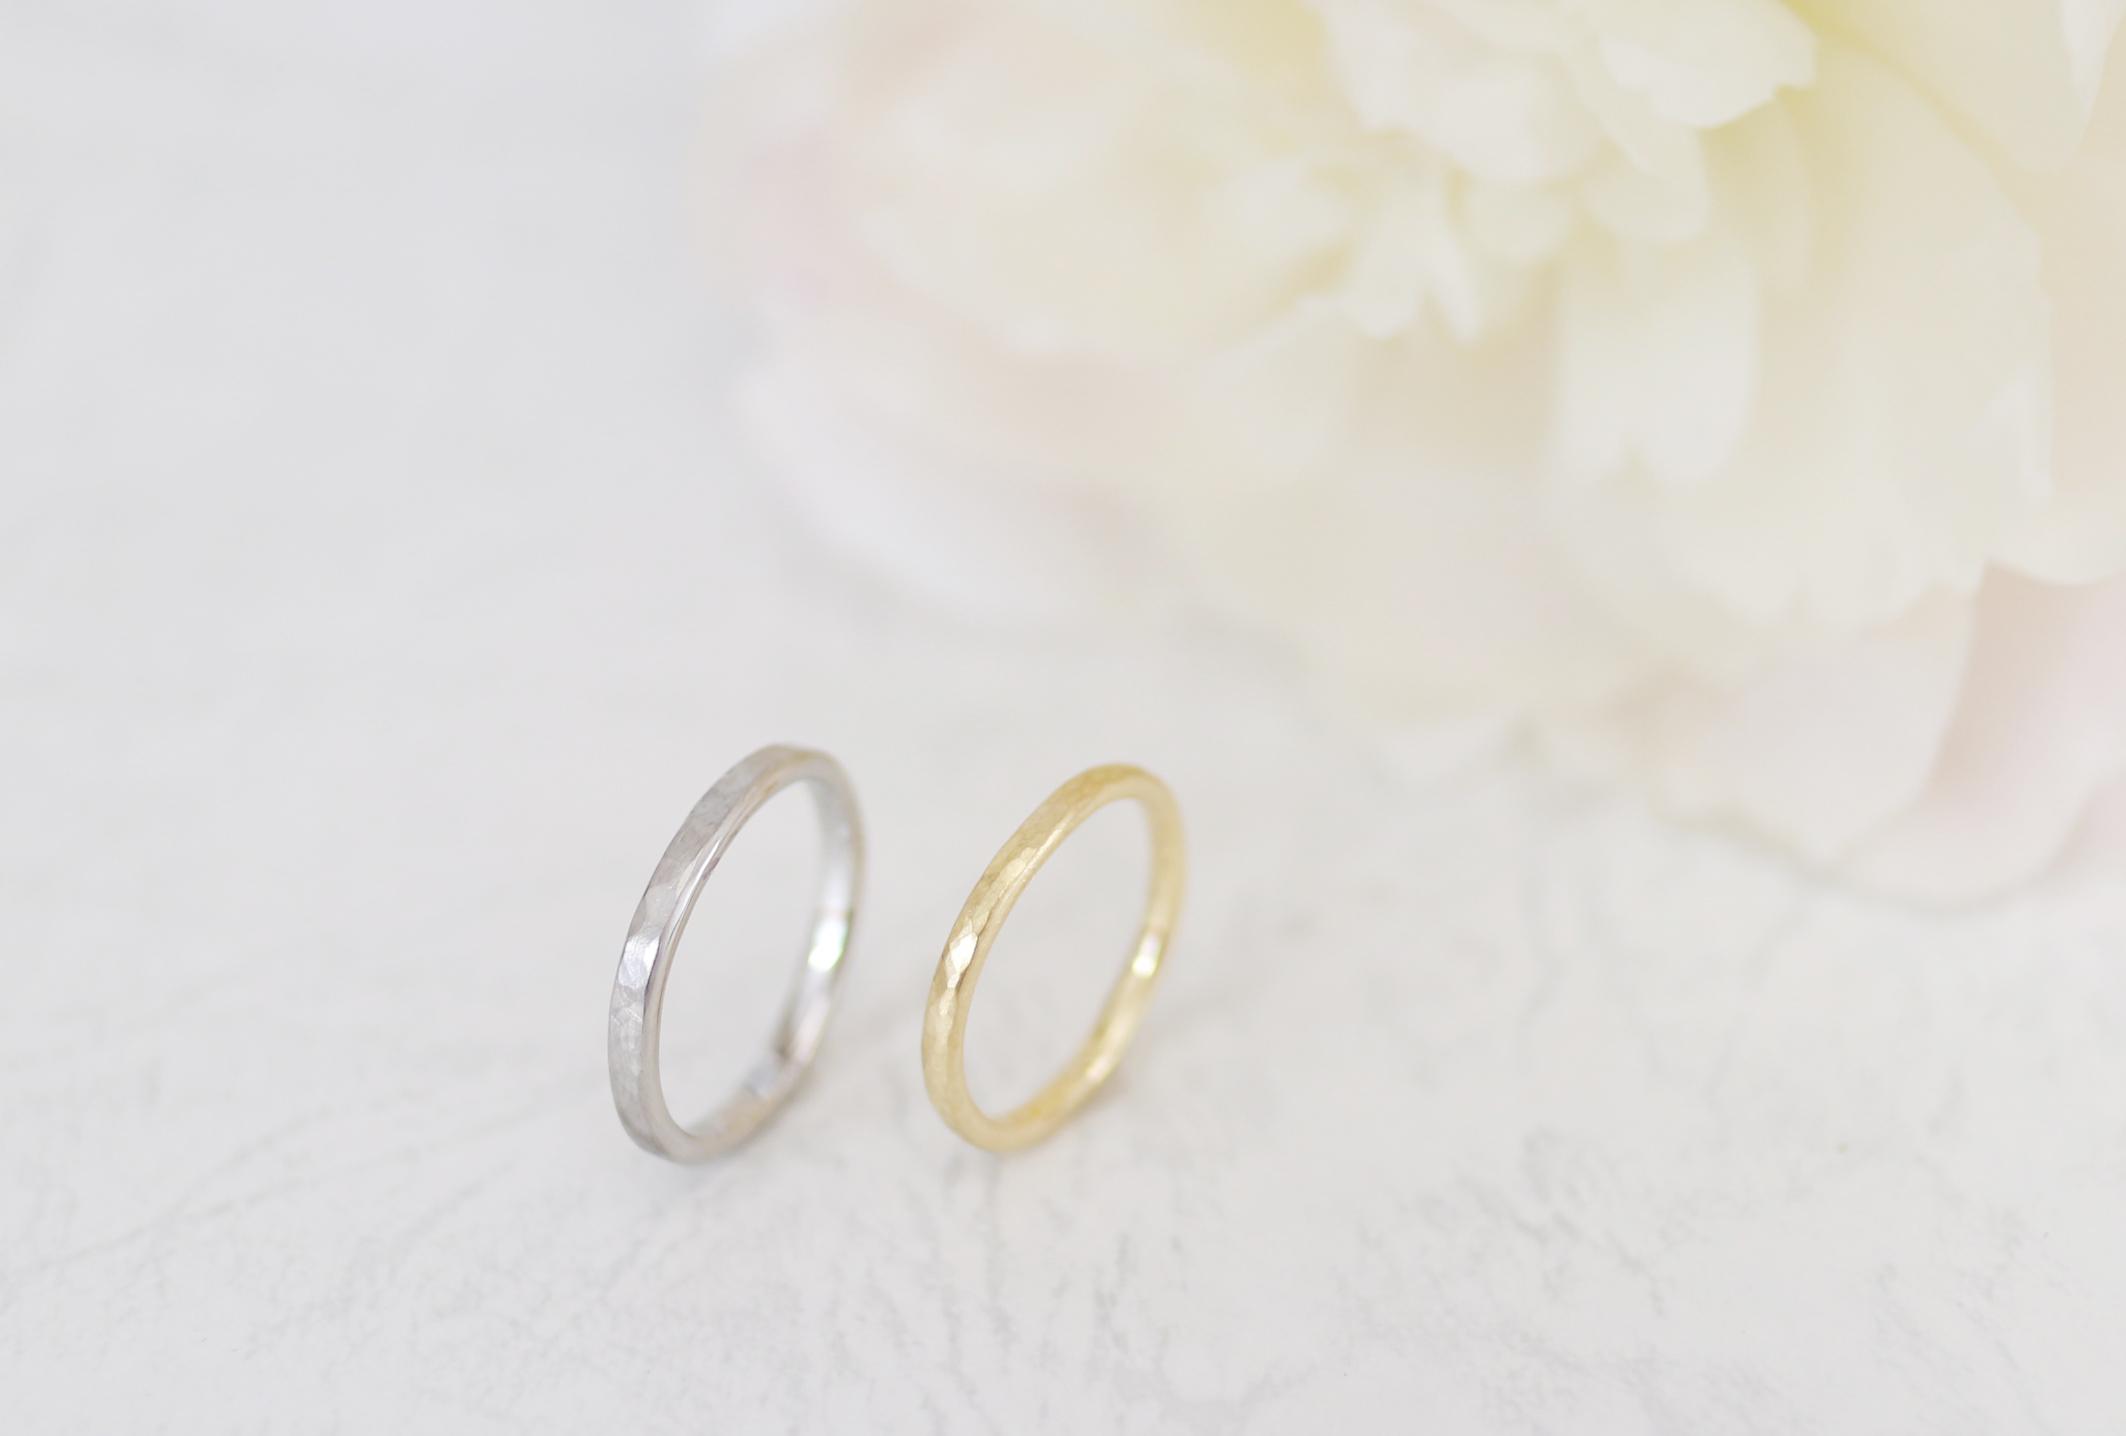 鎚目とつや消しの手作り結婚指輪